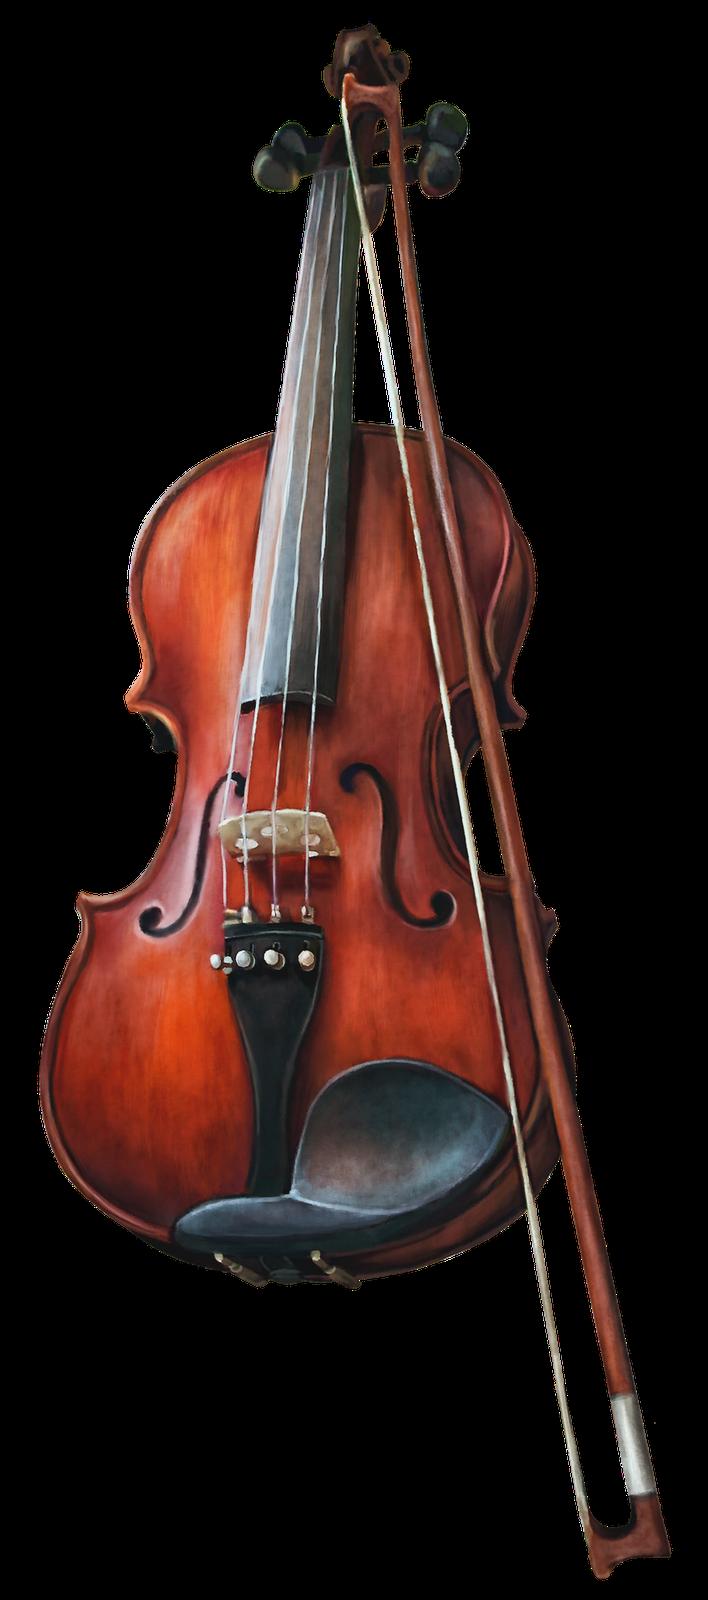 Violin PNG - 4097